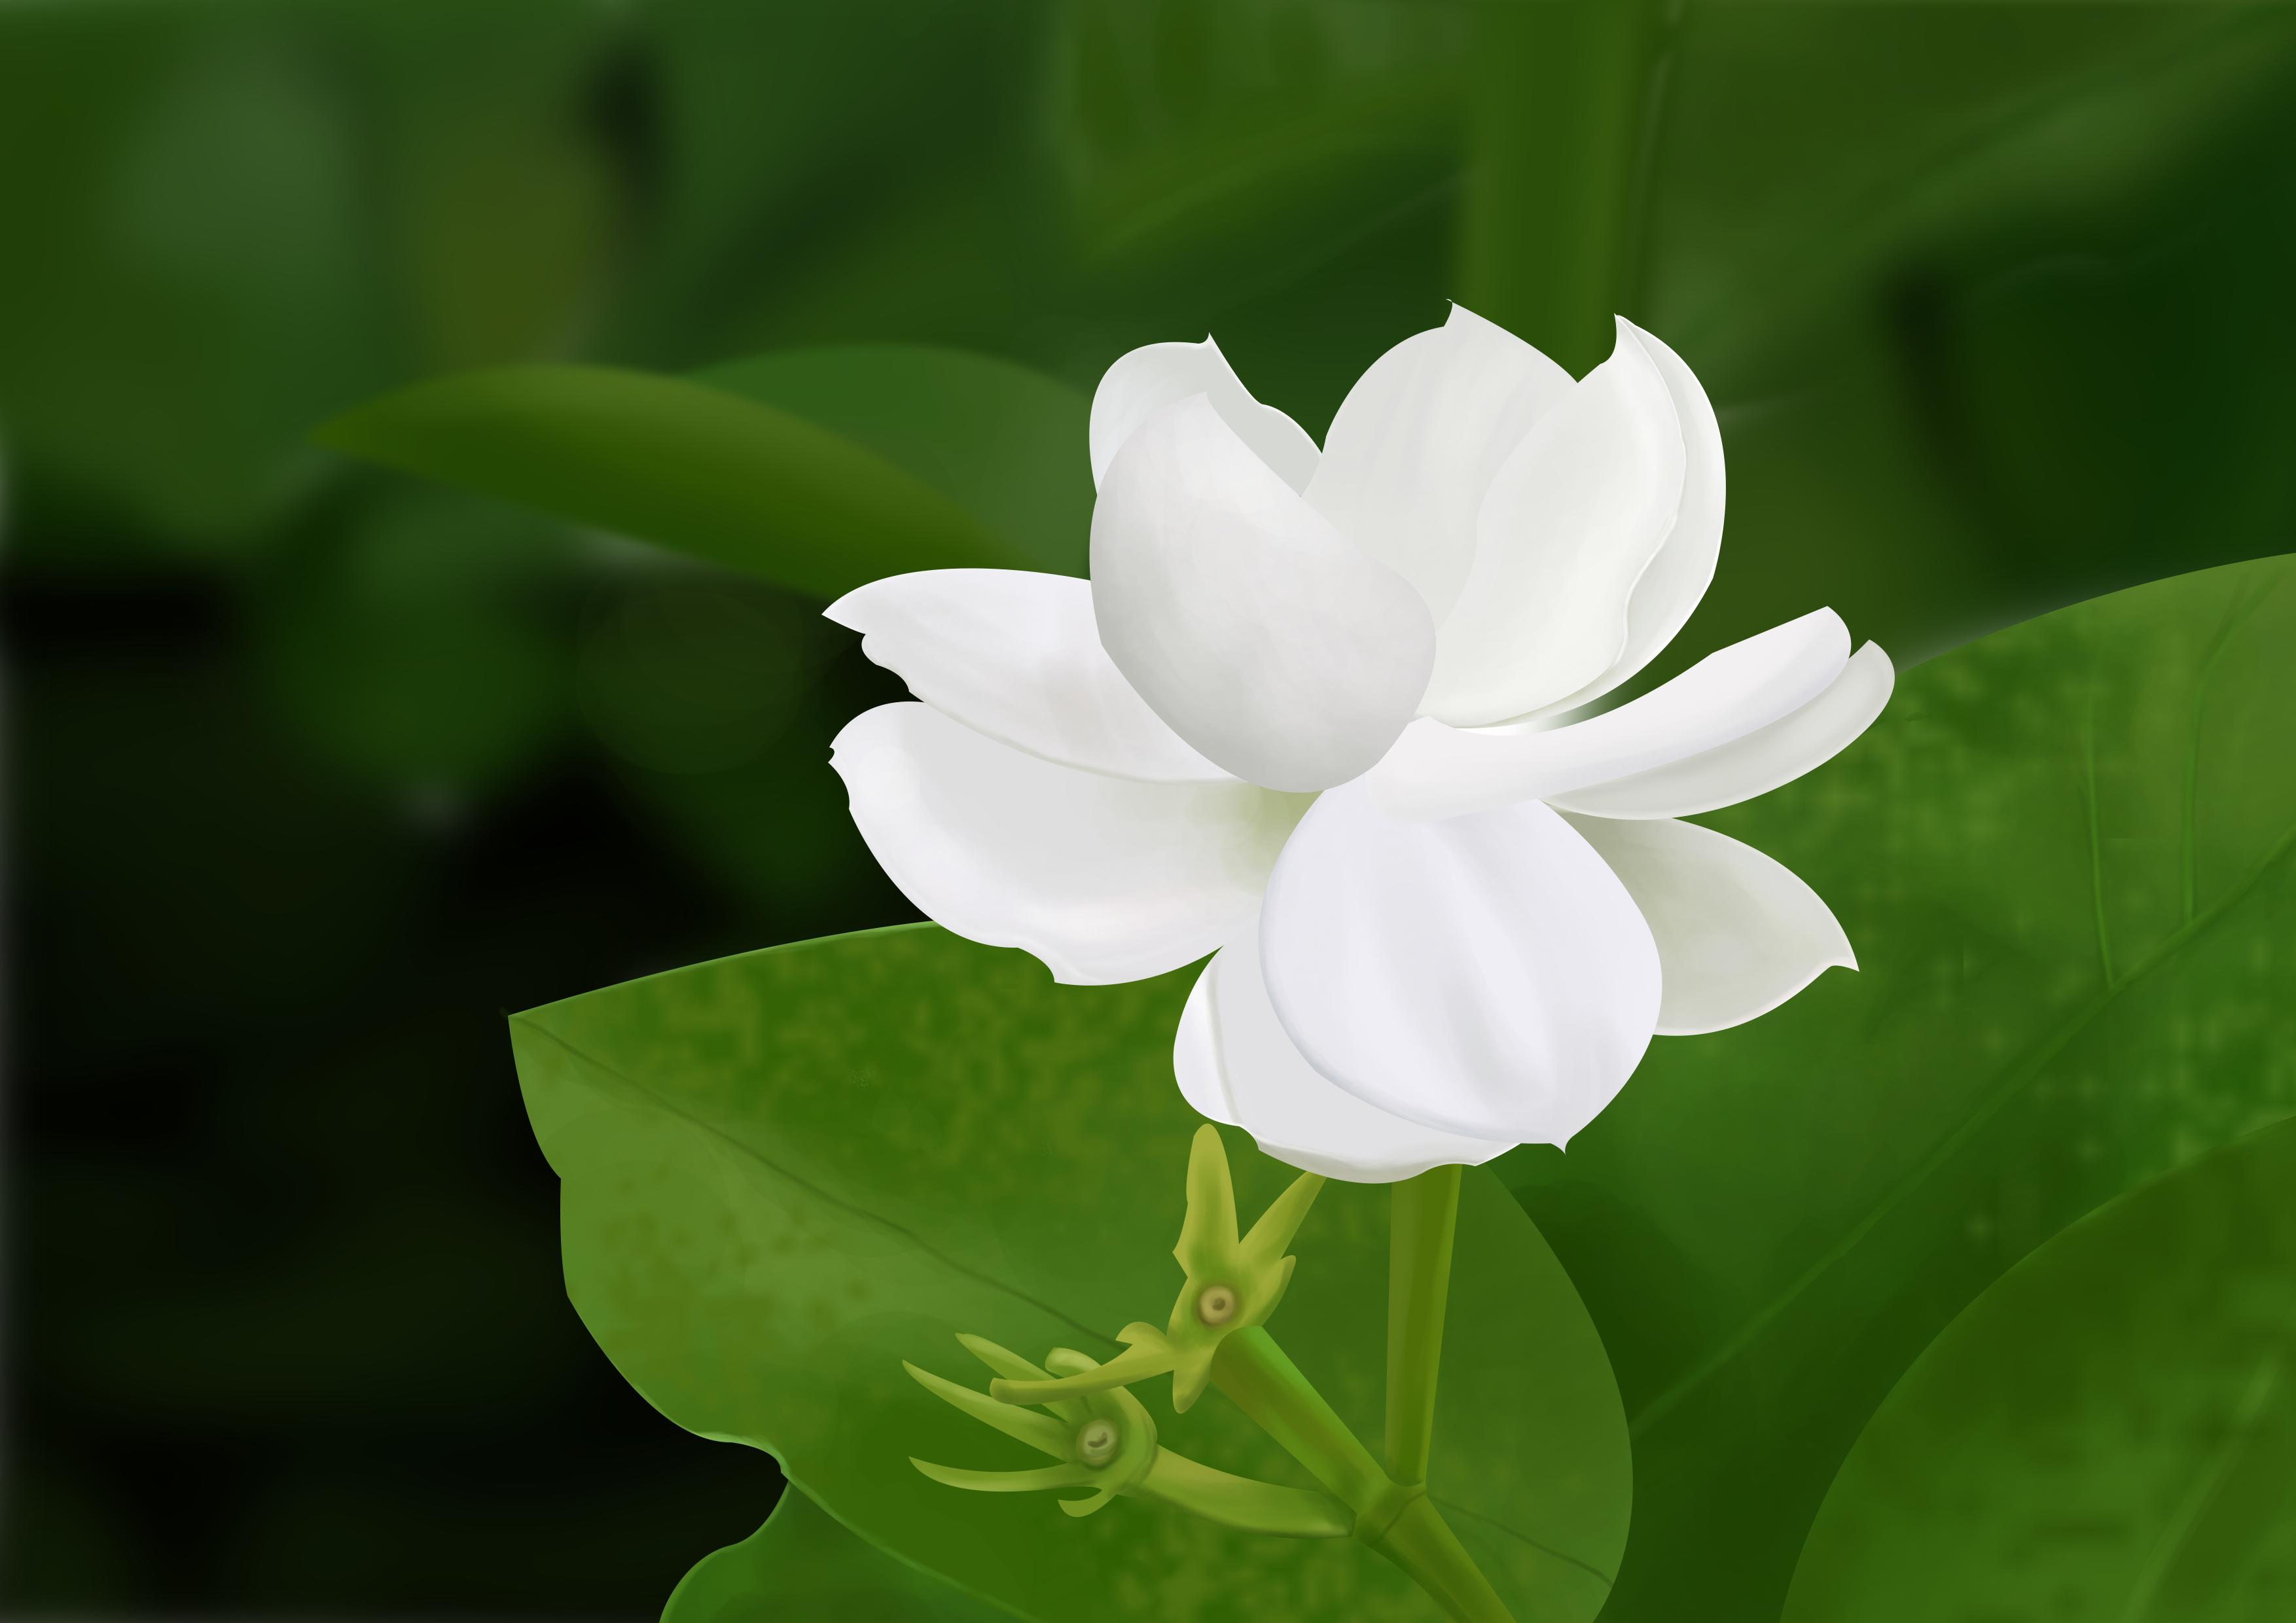 手绘真实白花